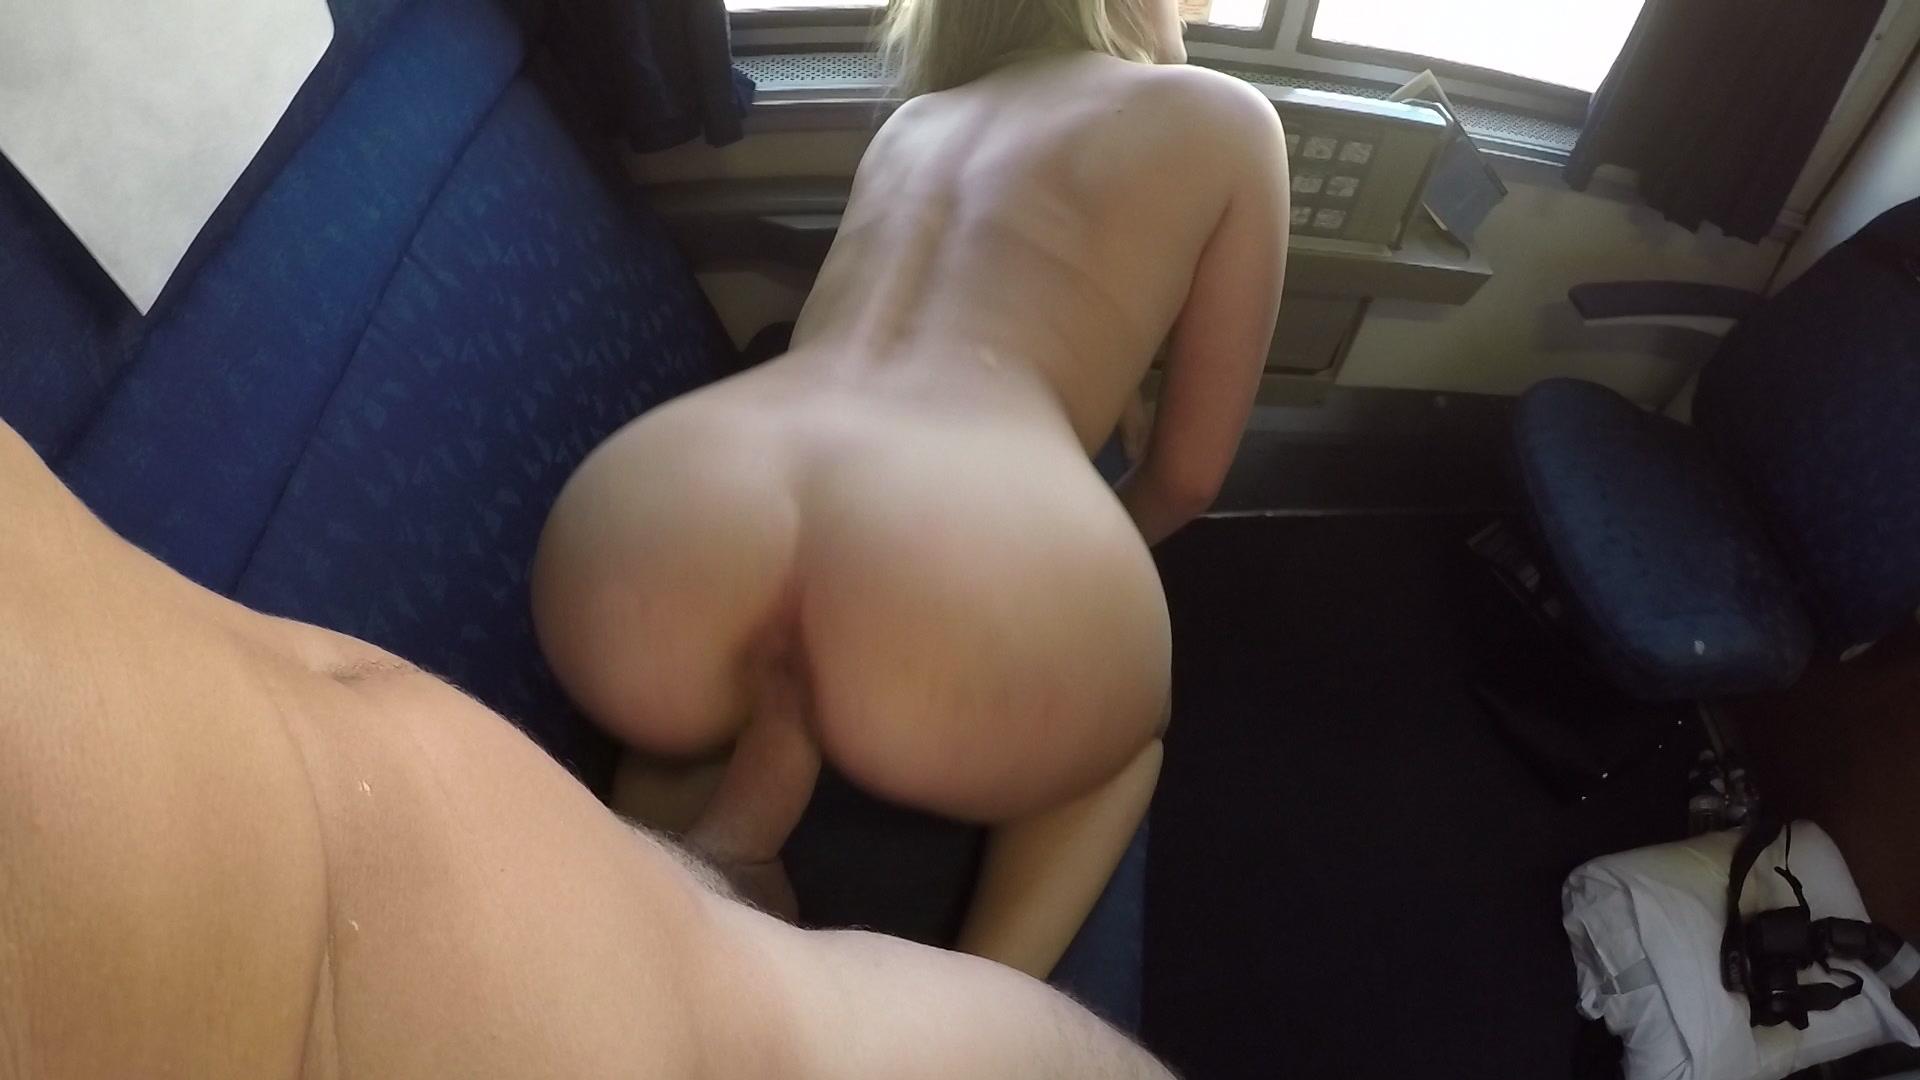 Sex in train pics